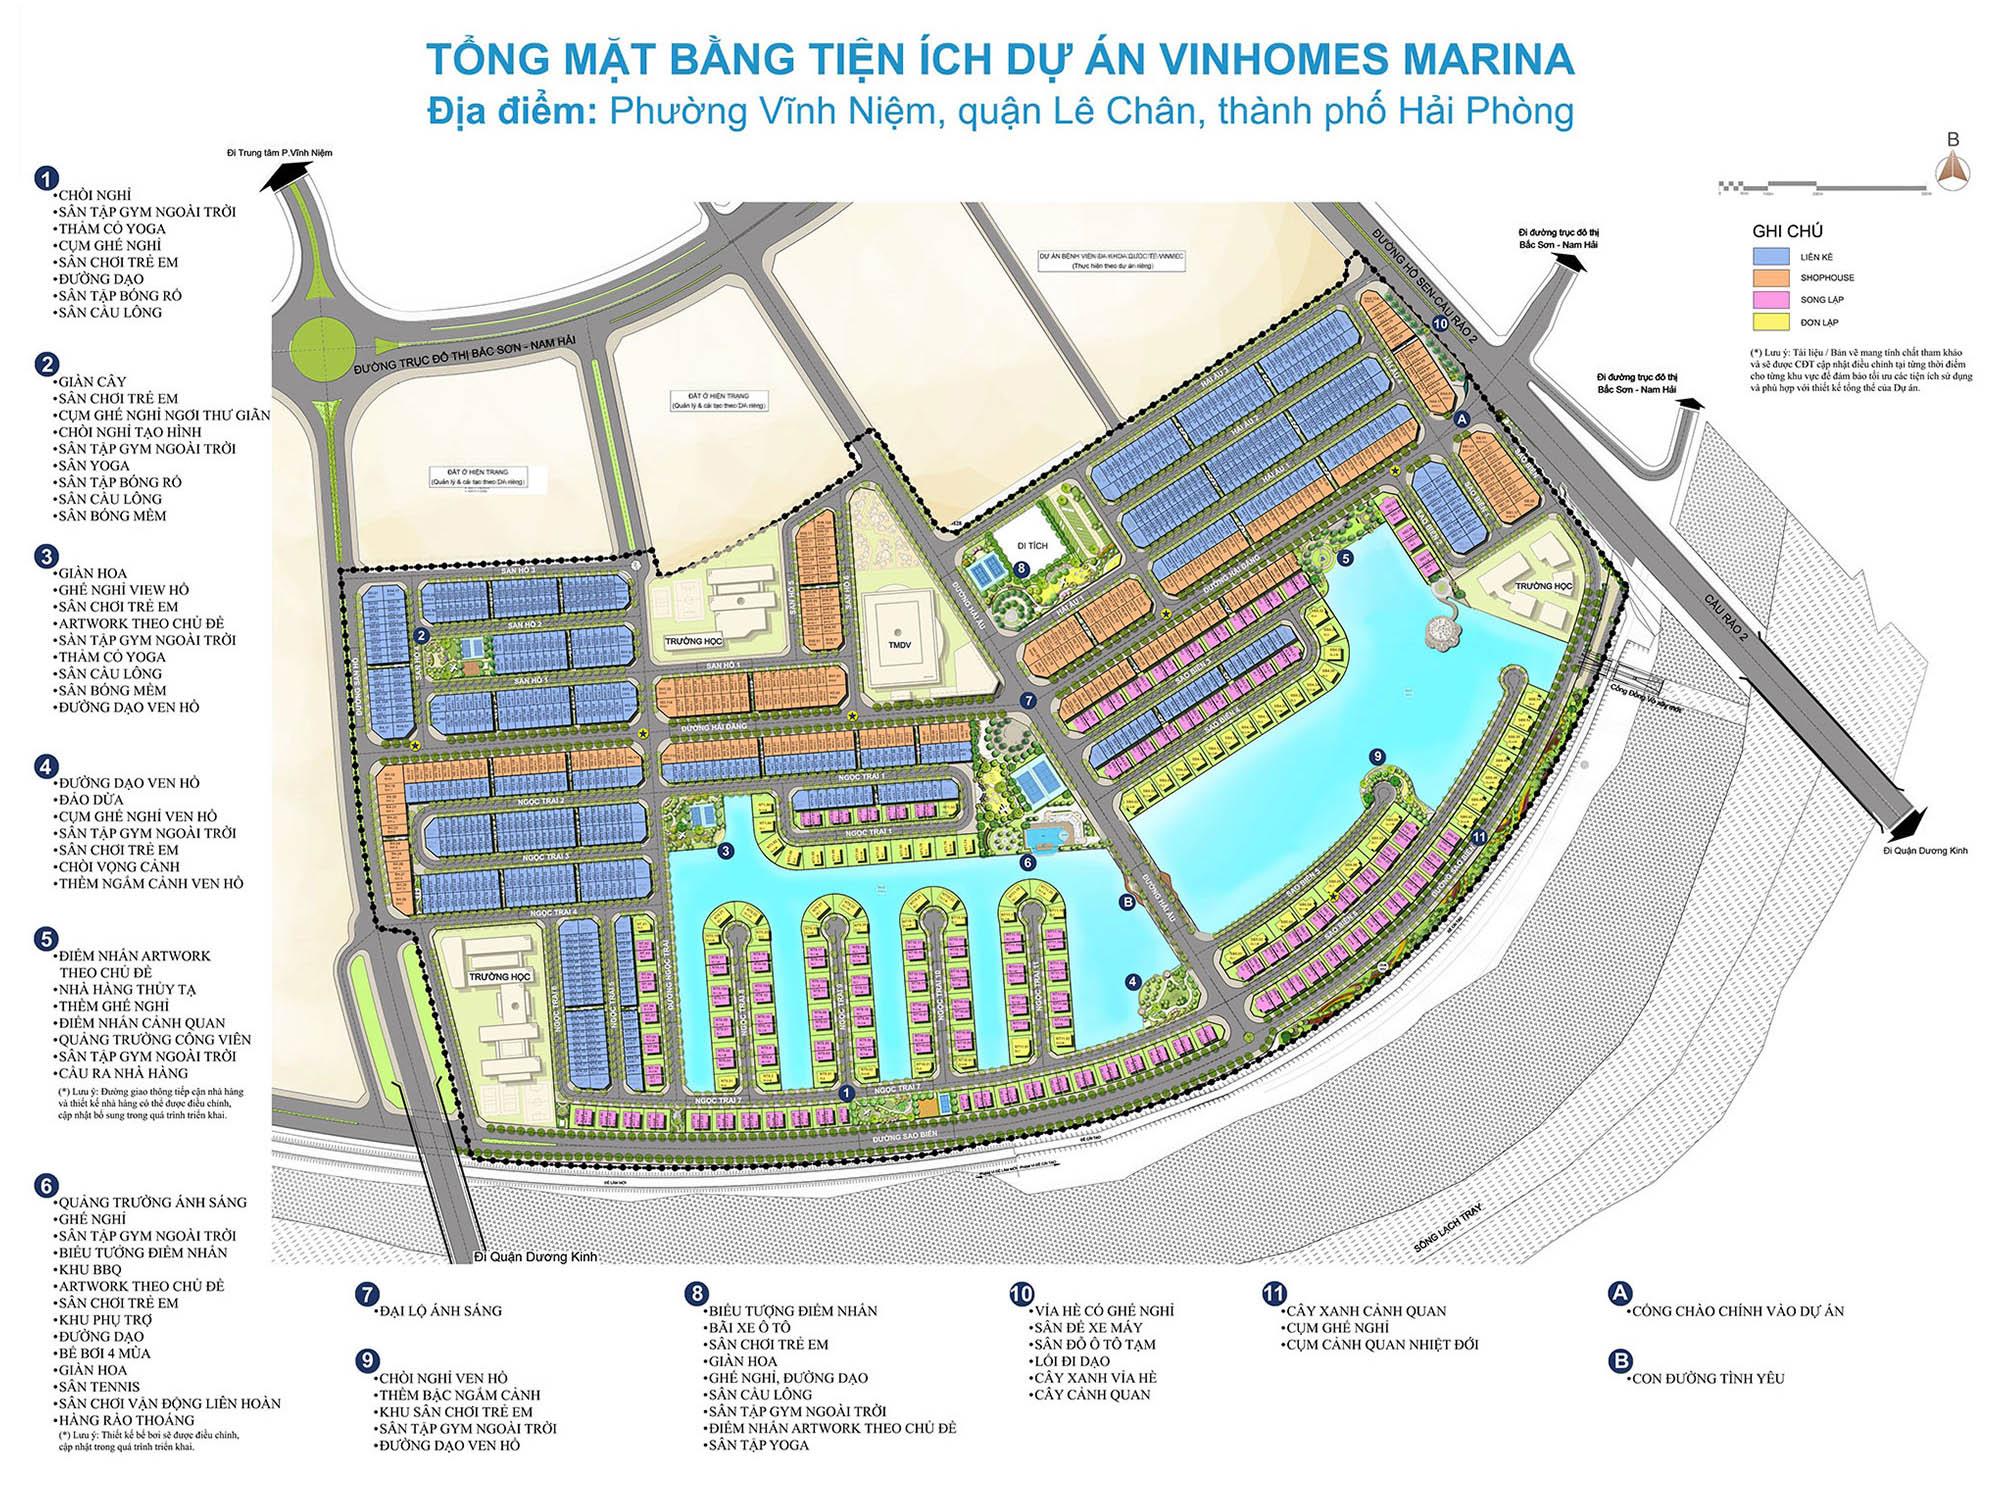 mat-bang-tien-ich-vinhomes-marina